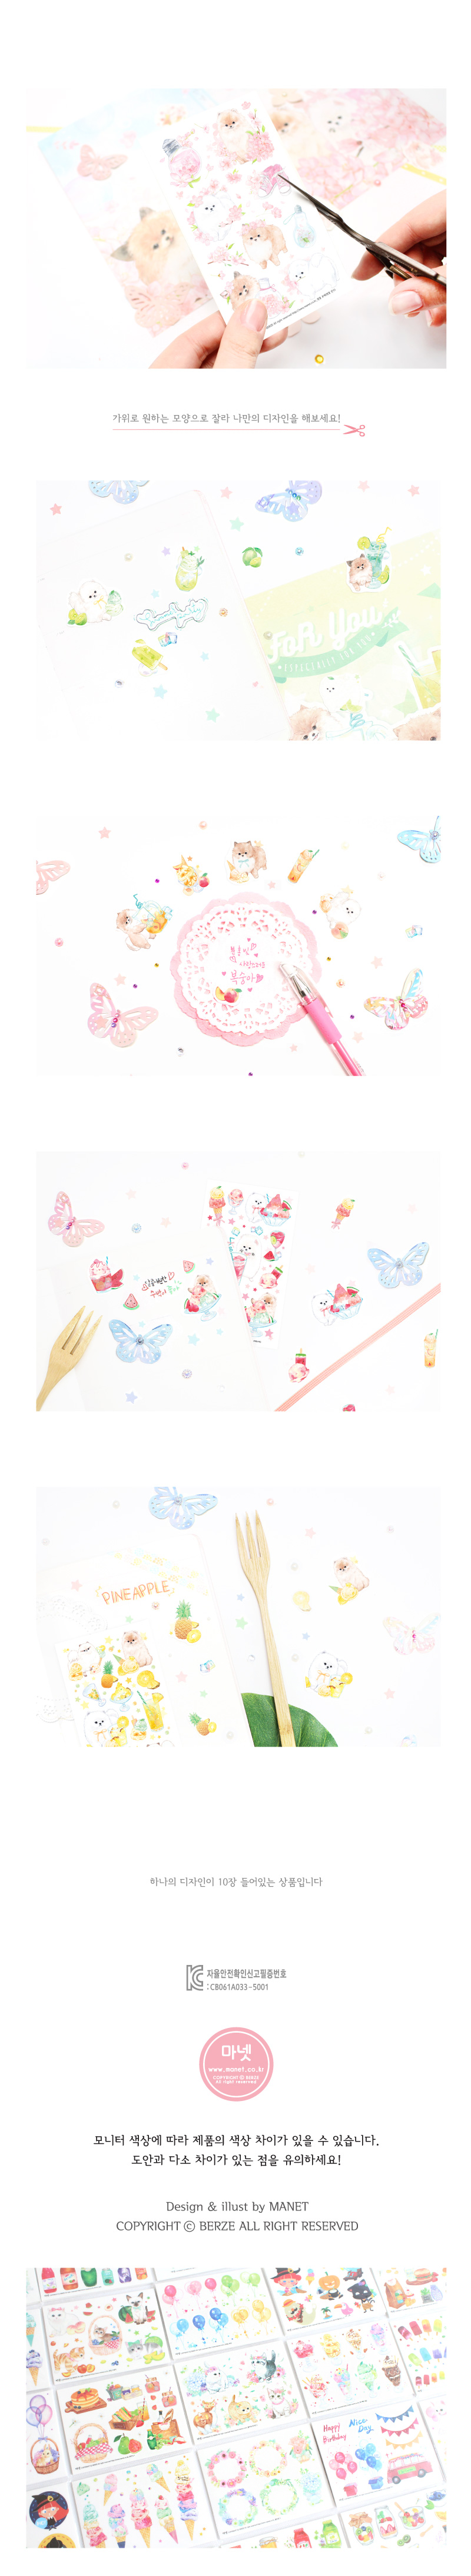 마넷 스티커 - 마넷 컷팅스티커 (썸머 포메) - 마넷, 2,300원, 스티커, 디자인스티커